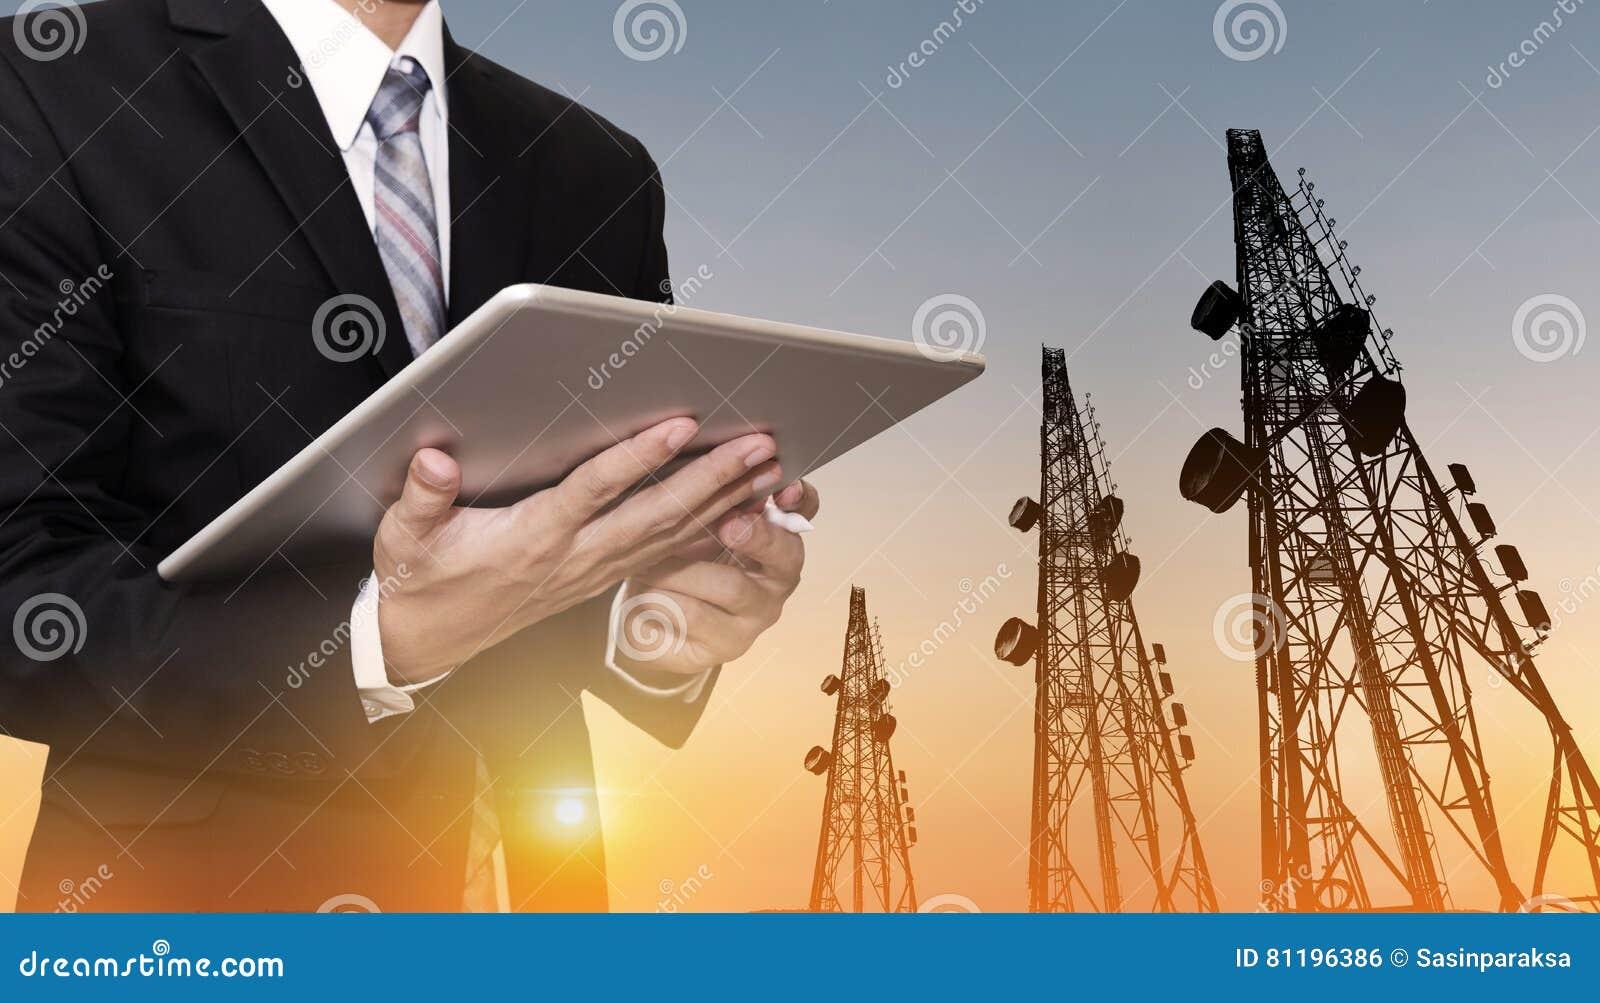 Бизнесмен работая на цифровой таблетке, с сетью телекоммуникаций спутниковой антенна-тарелки на башне радиосвязи в заходе солнца,